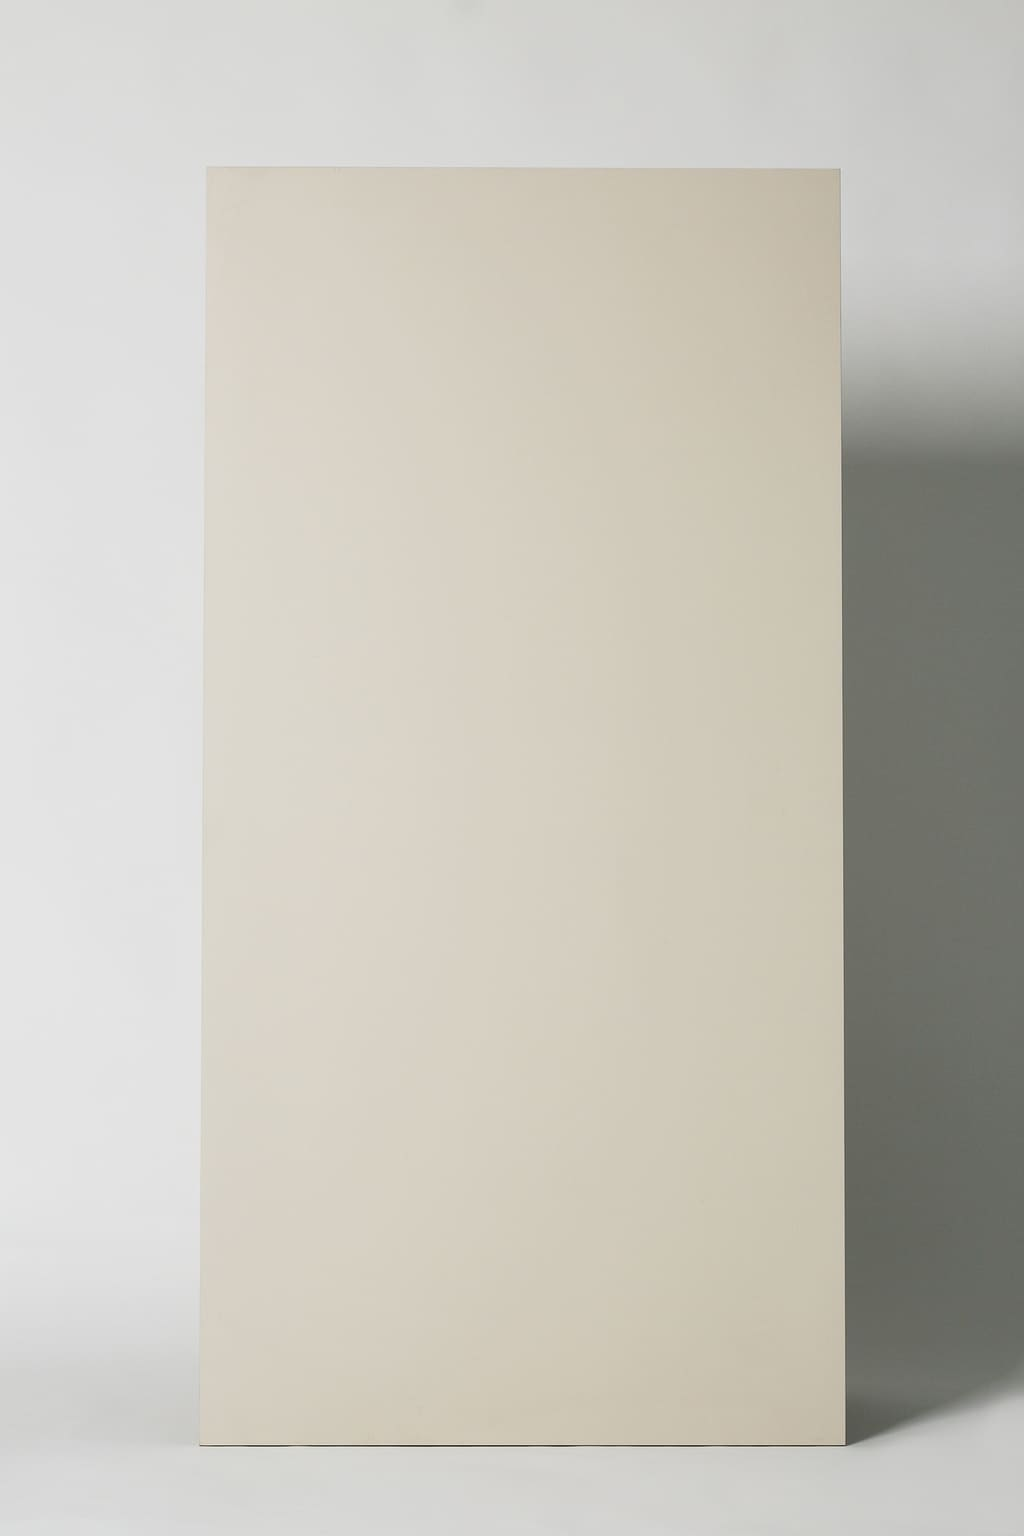 Płytka gresowa - salon, kuchnia, matowa, na podłogę lub ścianę, rektyfikowana, mrozoodporna, antypoślizgowa: C1, rozmiar 60x120cm, kremowa - Mykonos Technic crema